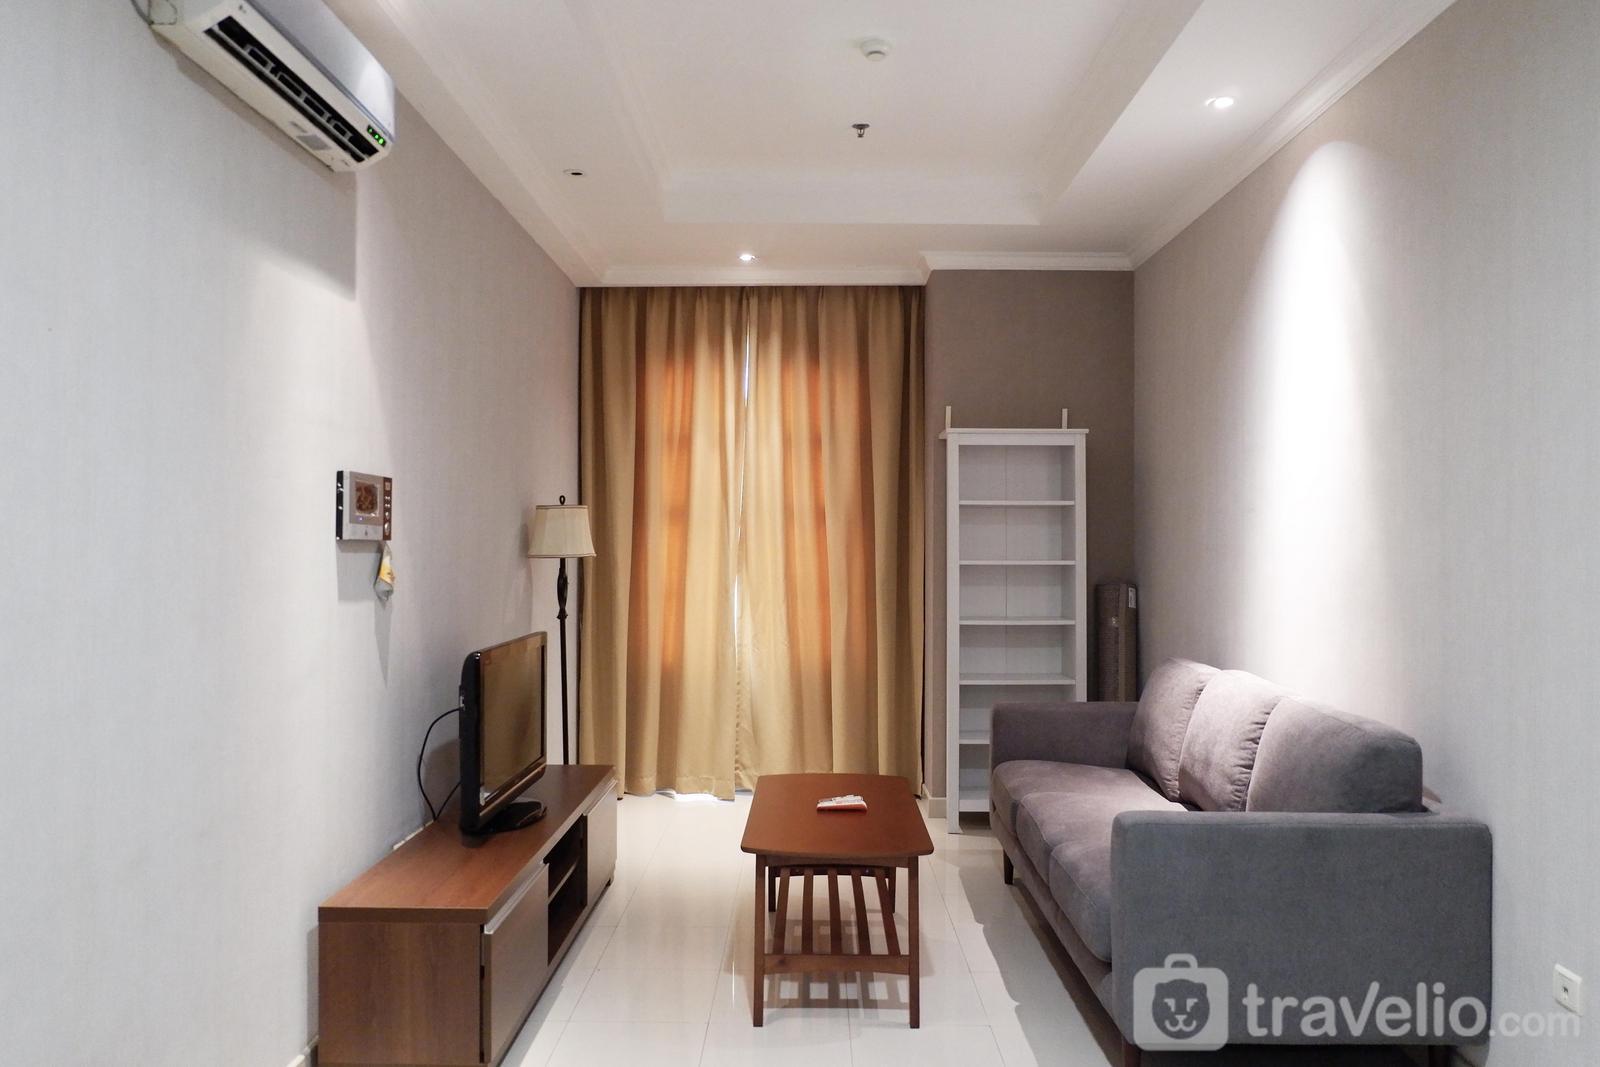 Apartemen Bellezza - Luxury 1BR Belleza Apartement By Travelio